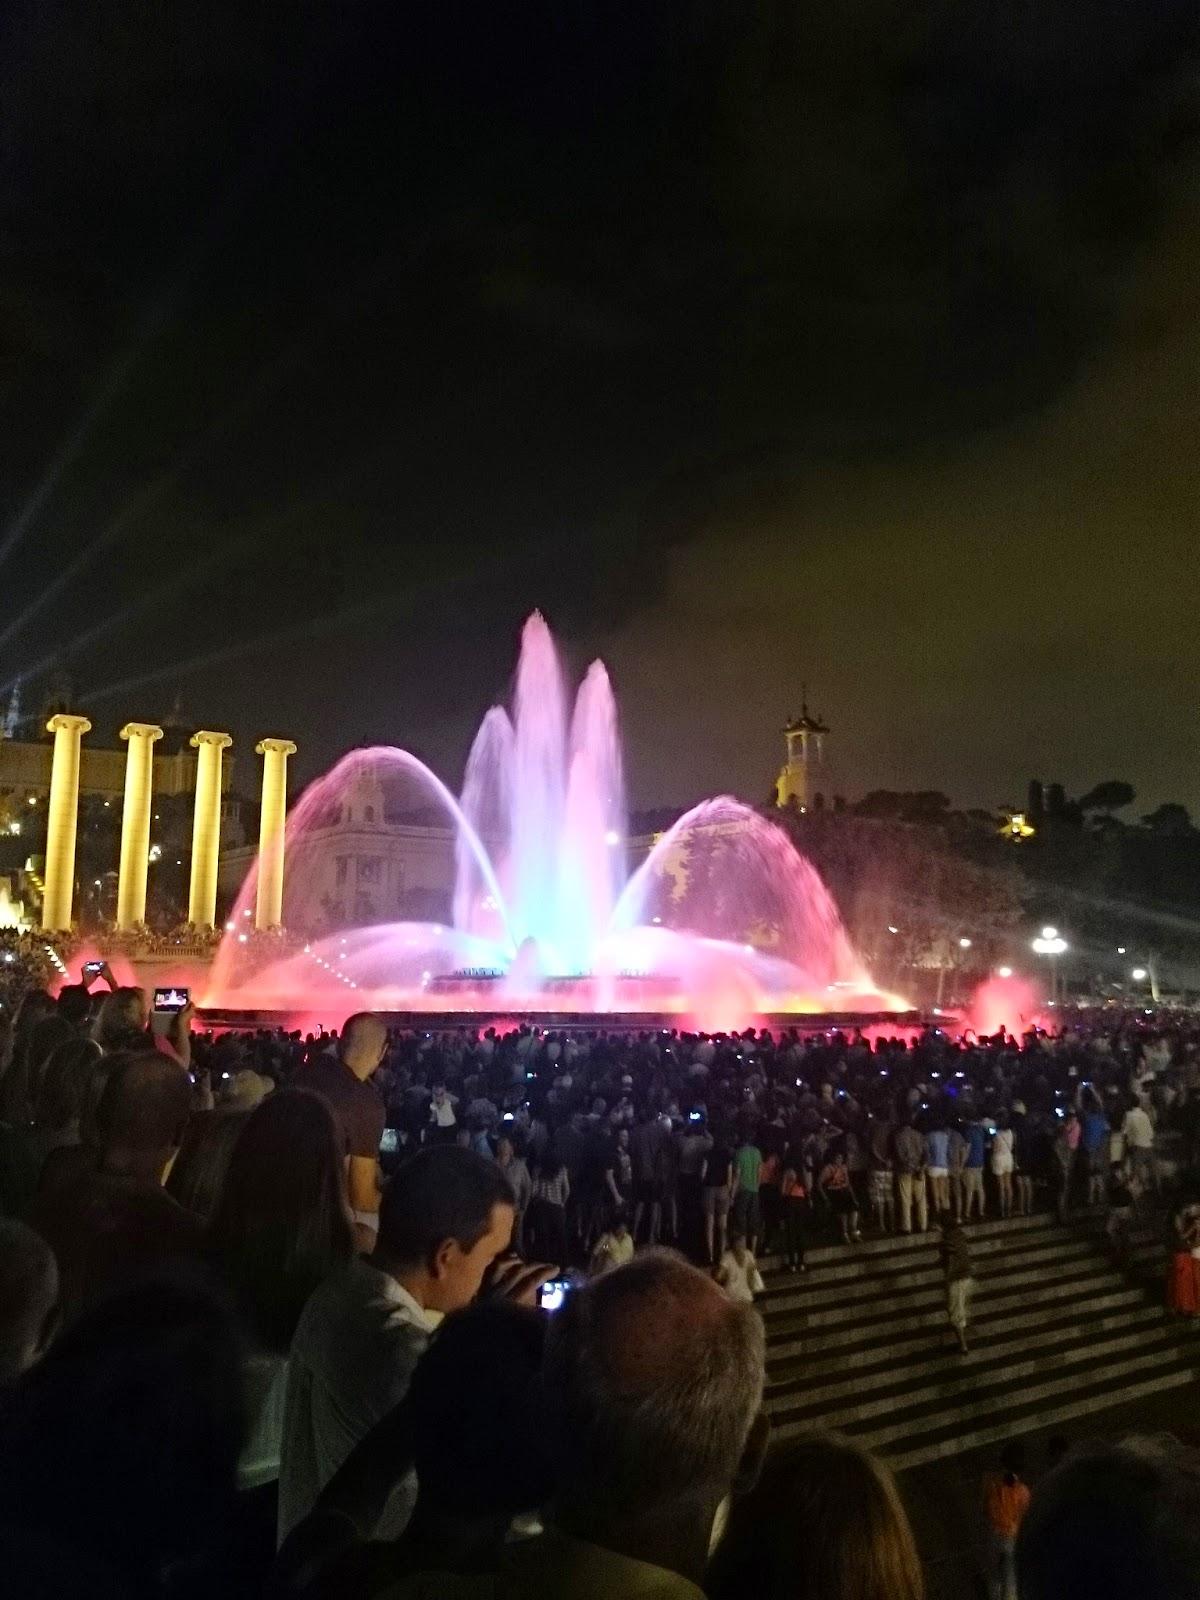 Barcelona koncert fontann,grające fontanny,świecące fontanny,koncert fontanny,koncert w Barcelonie,kolorowa woda,piękny widok